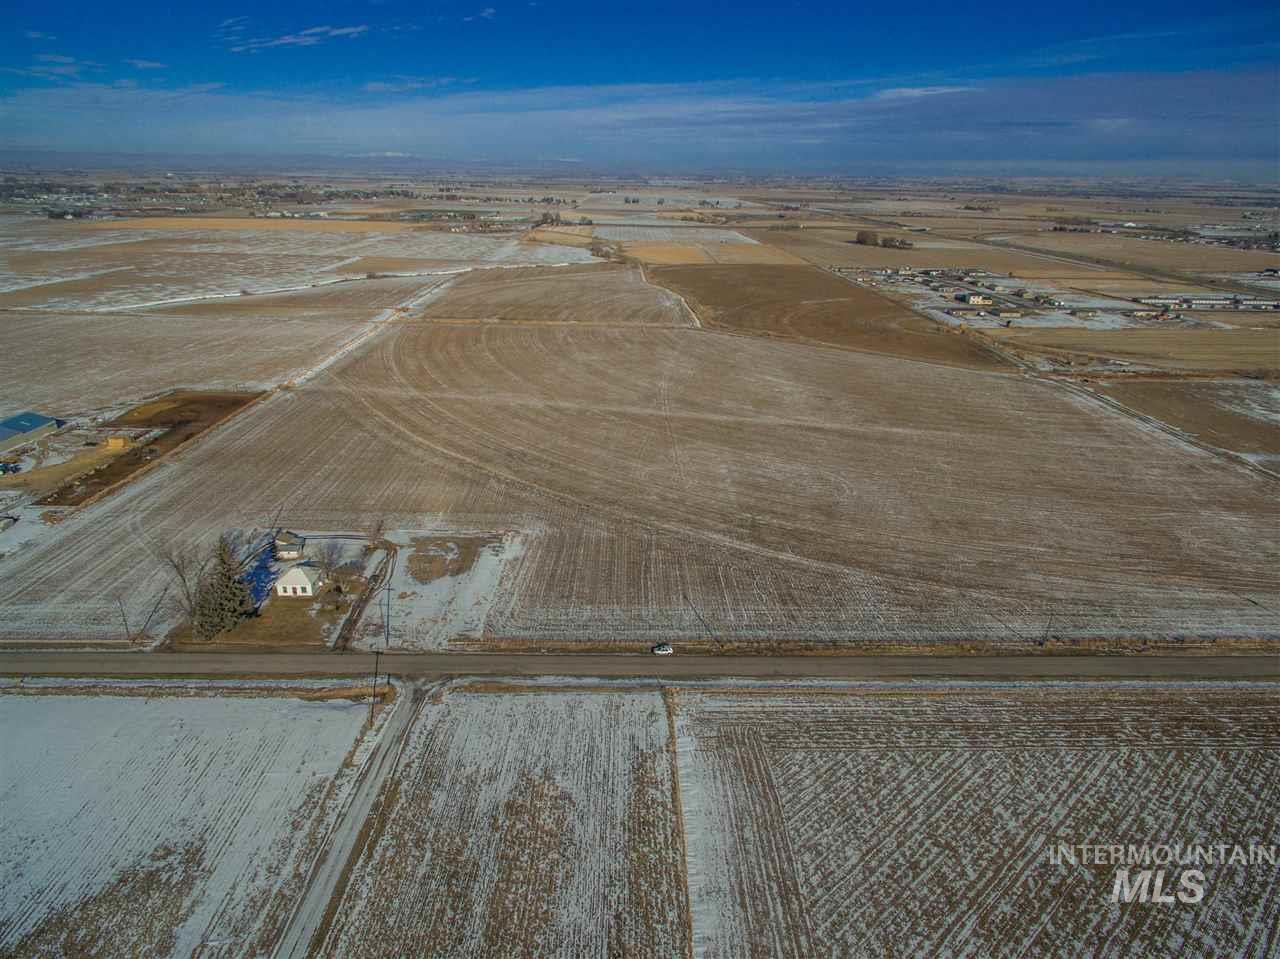 2356 E 3800 N,Filer,Idaho 83328,Land,2356 E 3800 N,98679142